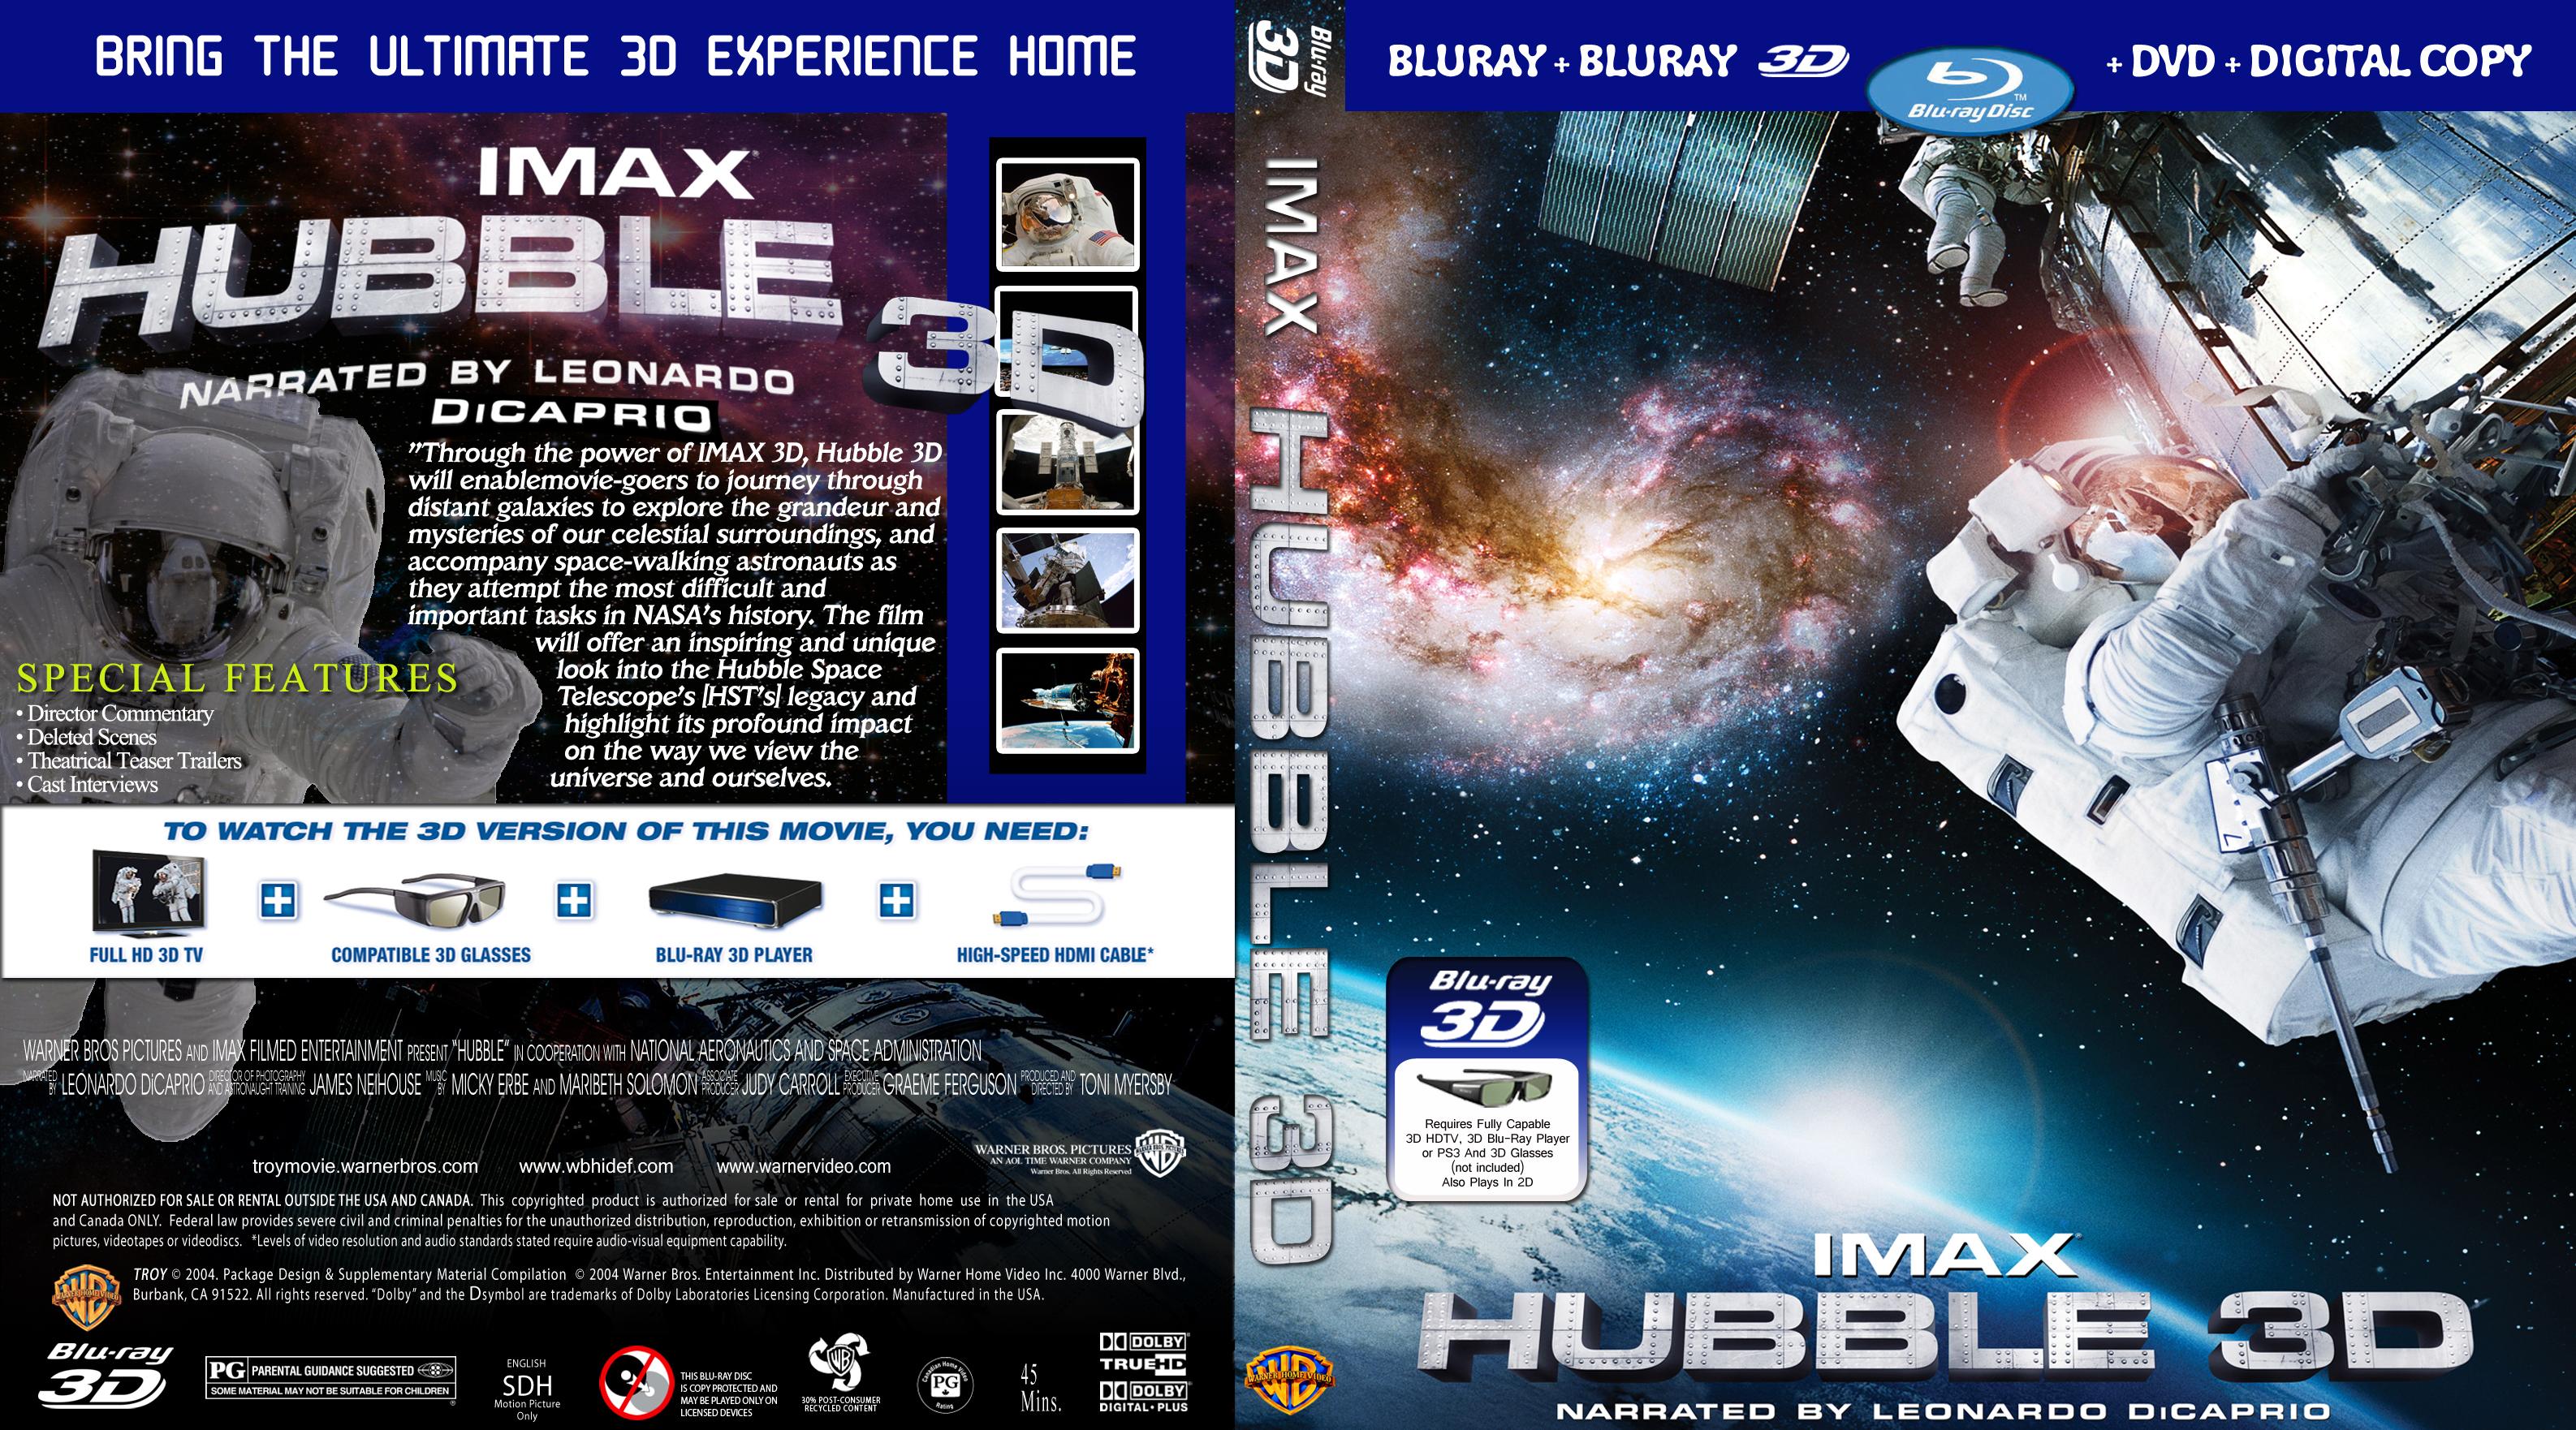 Телескоп хаббл в 3д  hubble 3d тони майерс  toni